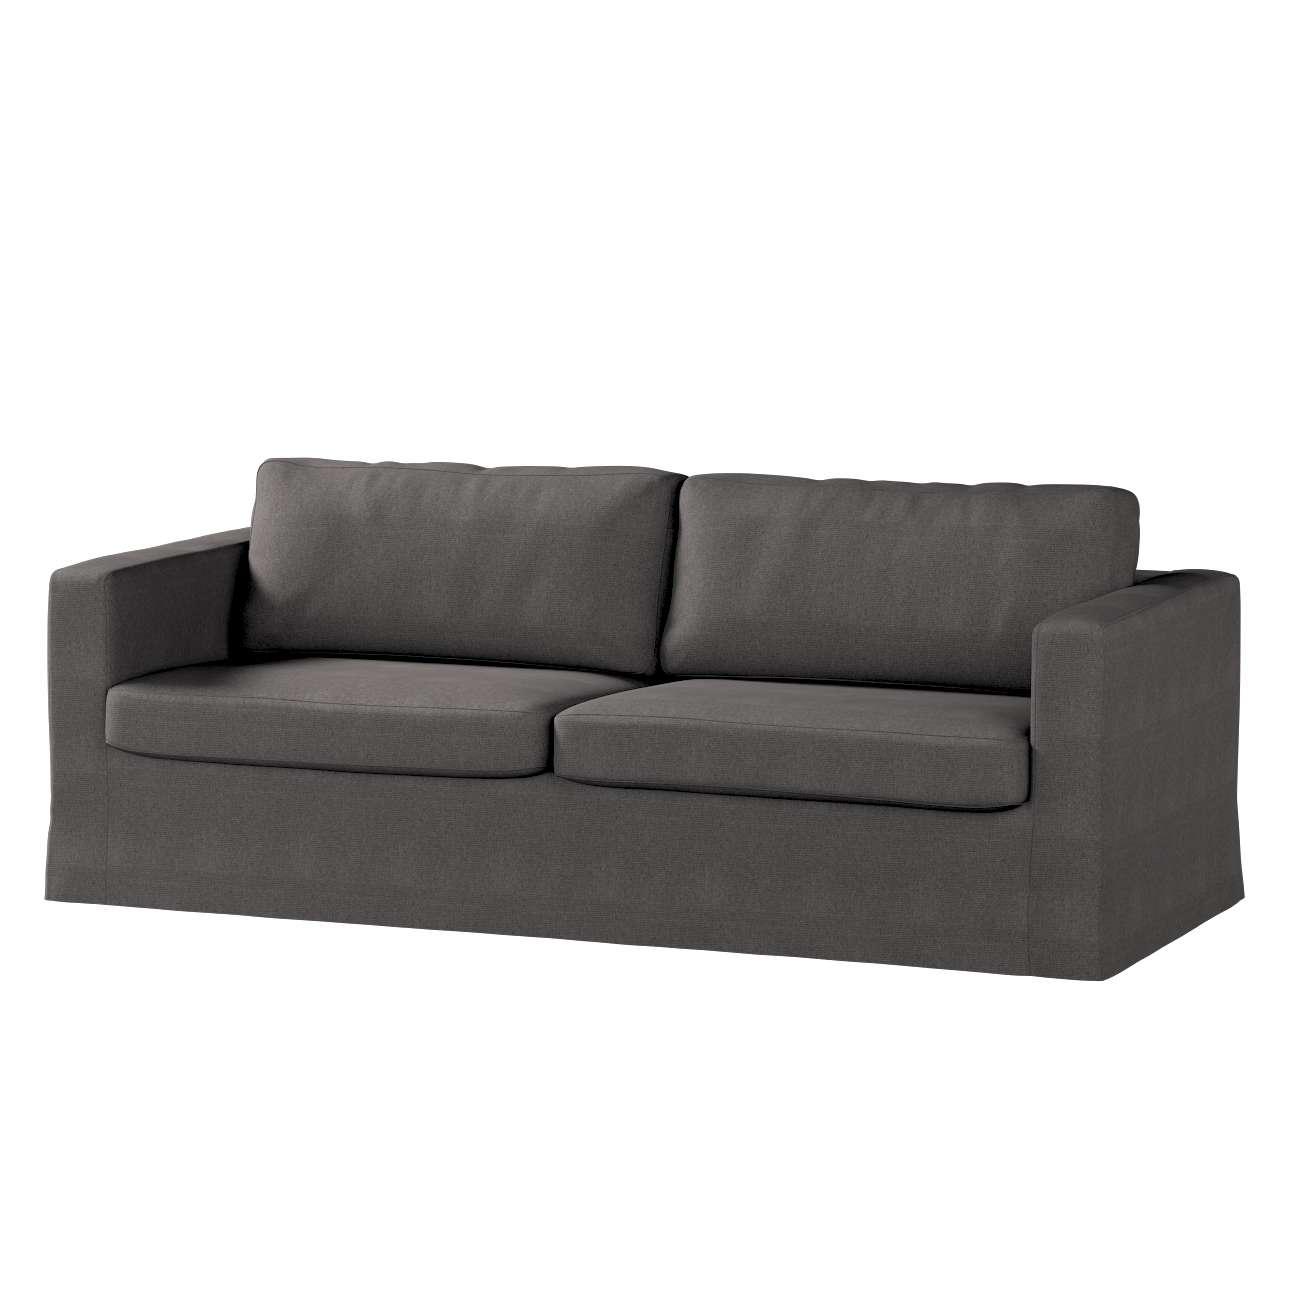 Pokrowiec na sofę Karlstad 3-osobową nierozkładaną, długi w kolekcji Etna, tkanina: 705-35